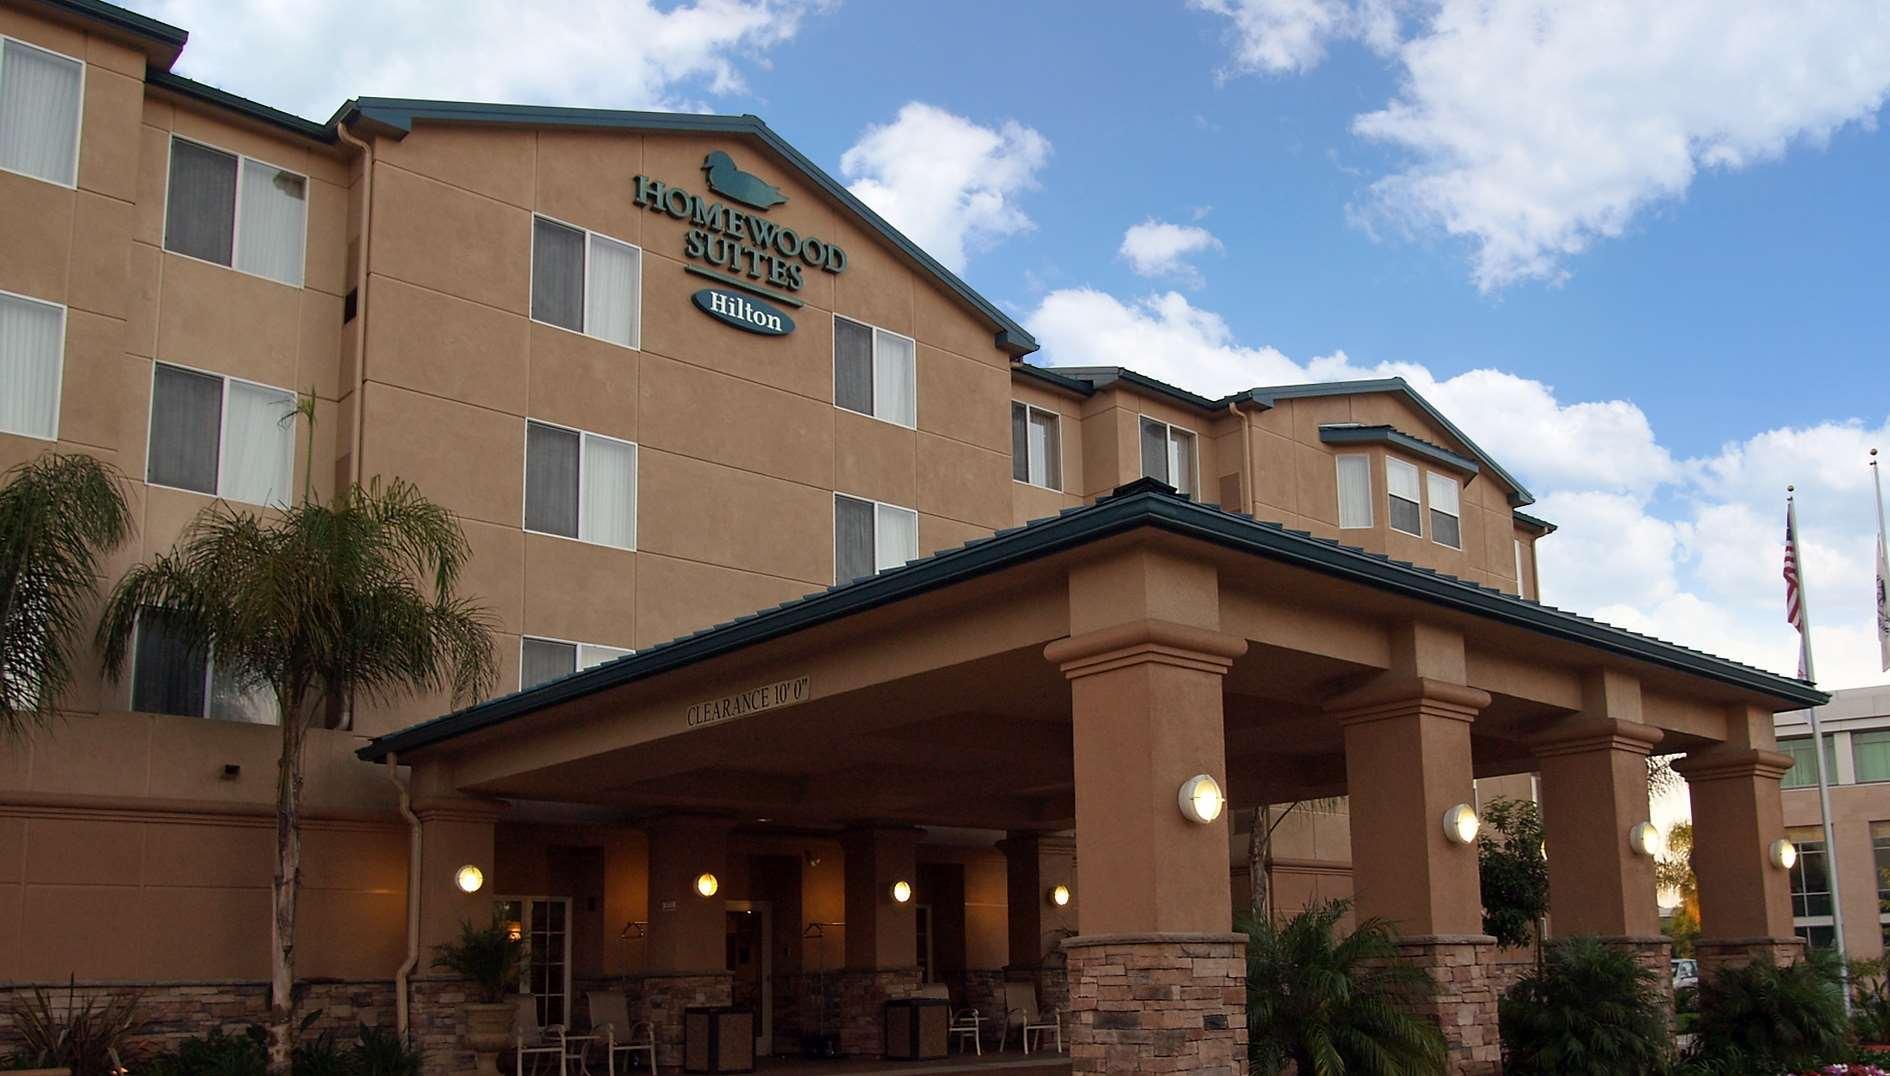 Homewood Suites by Hilton San Diego-Del Mar - San Diego, CA 92130 - (858)523-0500 | ShowMeLocal.com